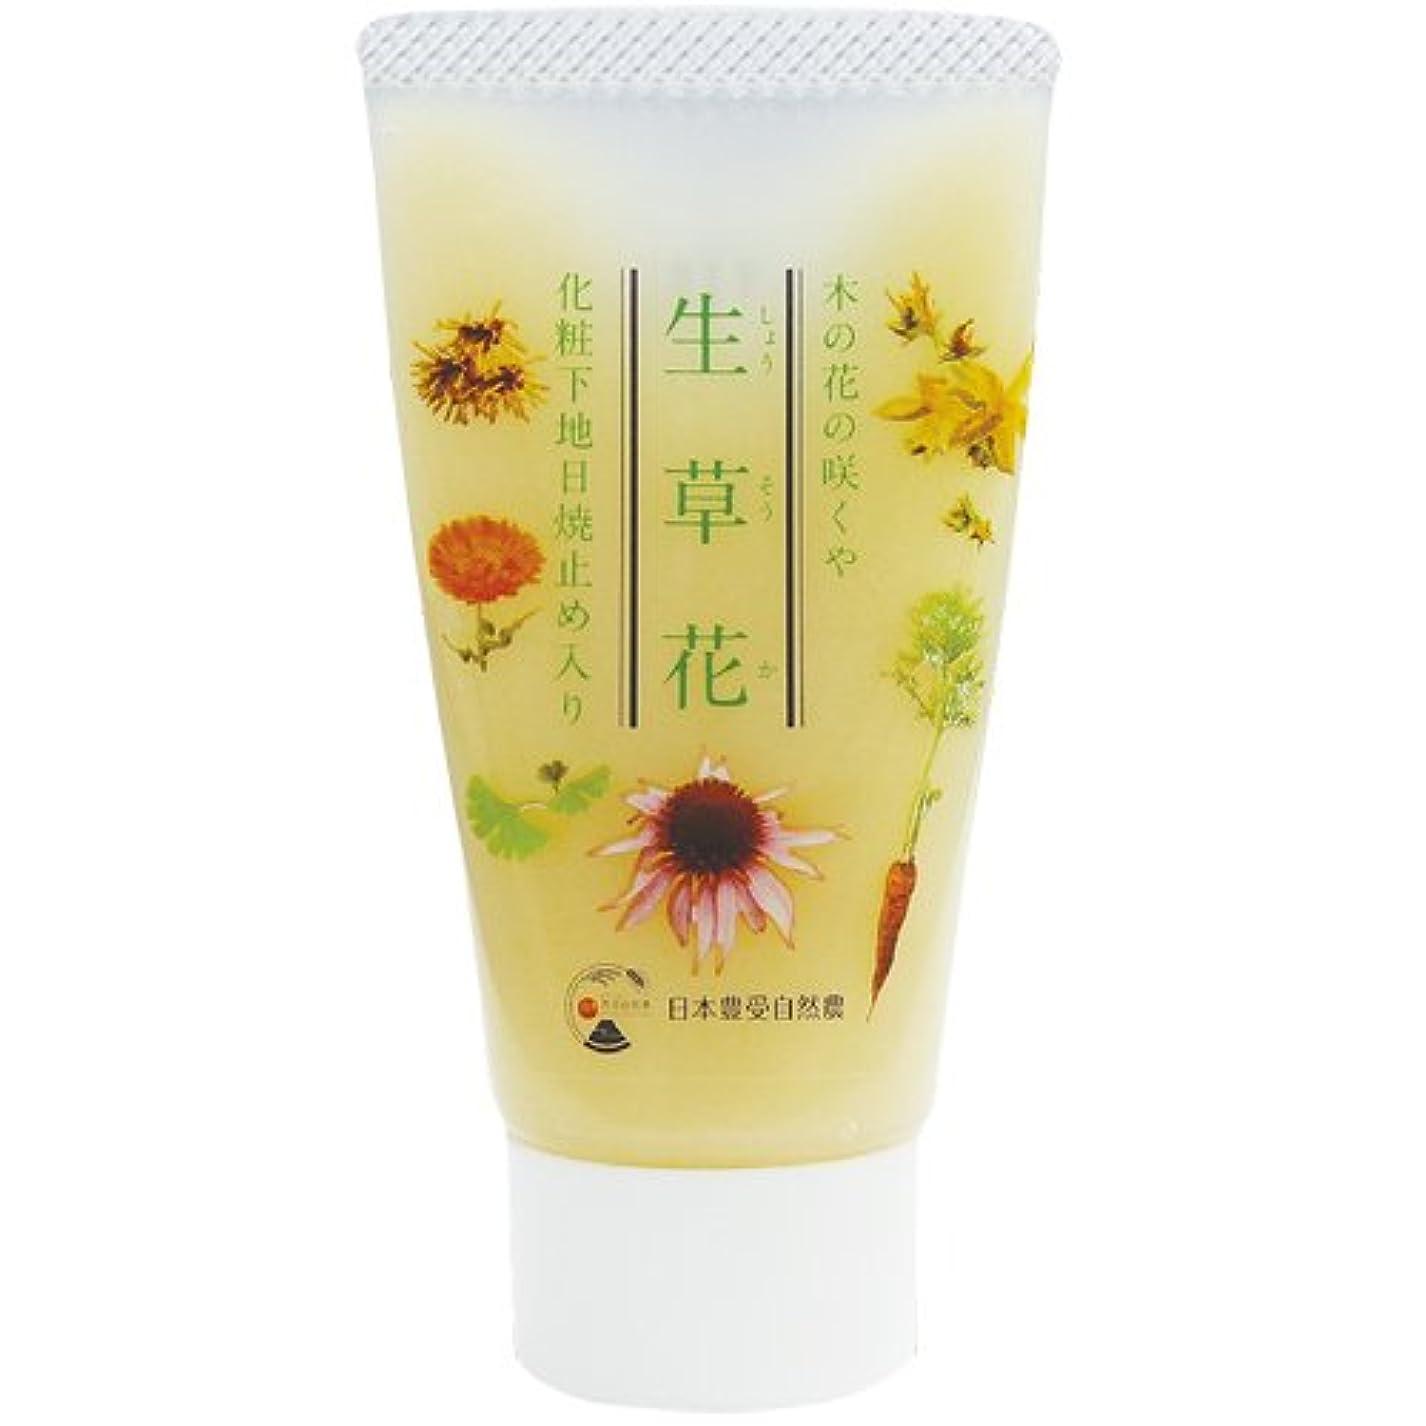 同情的おもちゃ絶妙日本豊受自然農 木の花の咲くや 生草花 化粧下地 日焼け止め入り 30g